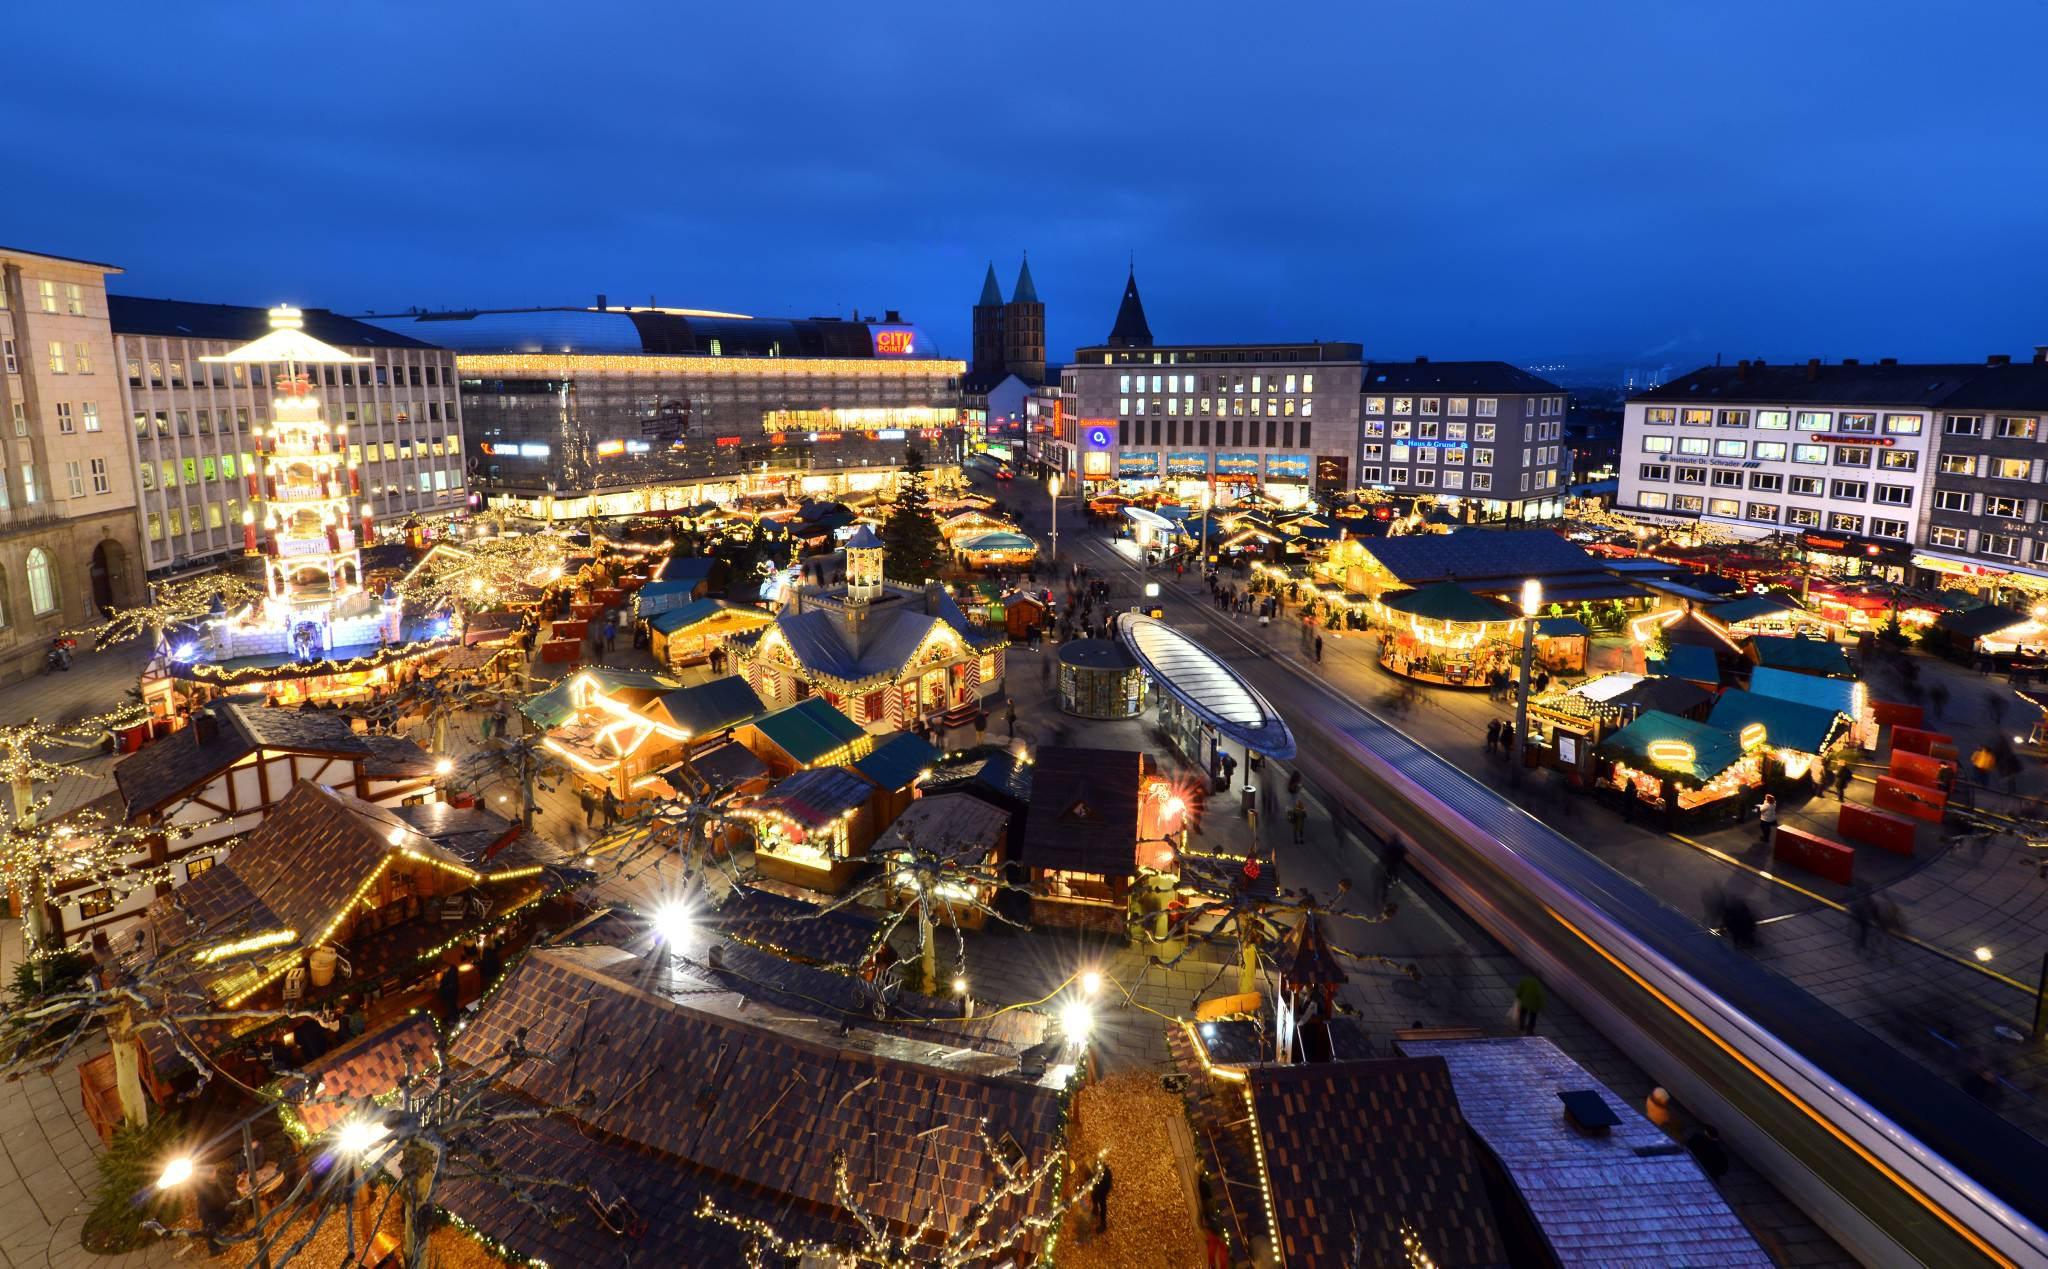 Weihnachtsmarkt Göttingen.Weihnachtsmarkt Kassel Göttingen Und Umgebung Alle Infos In